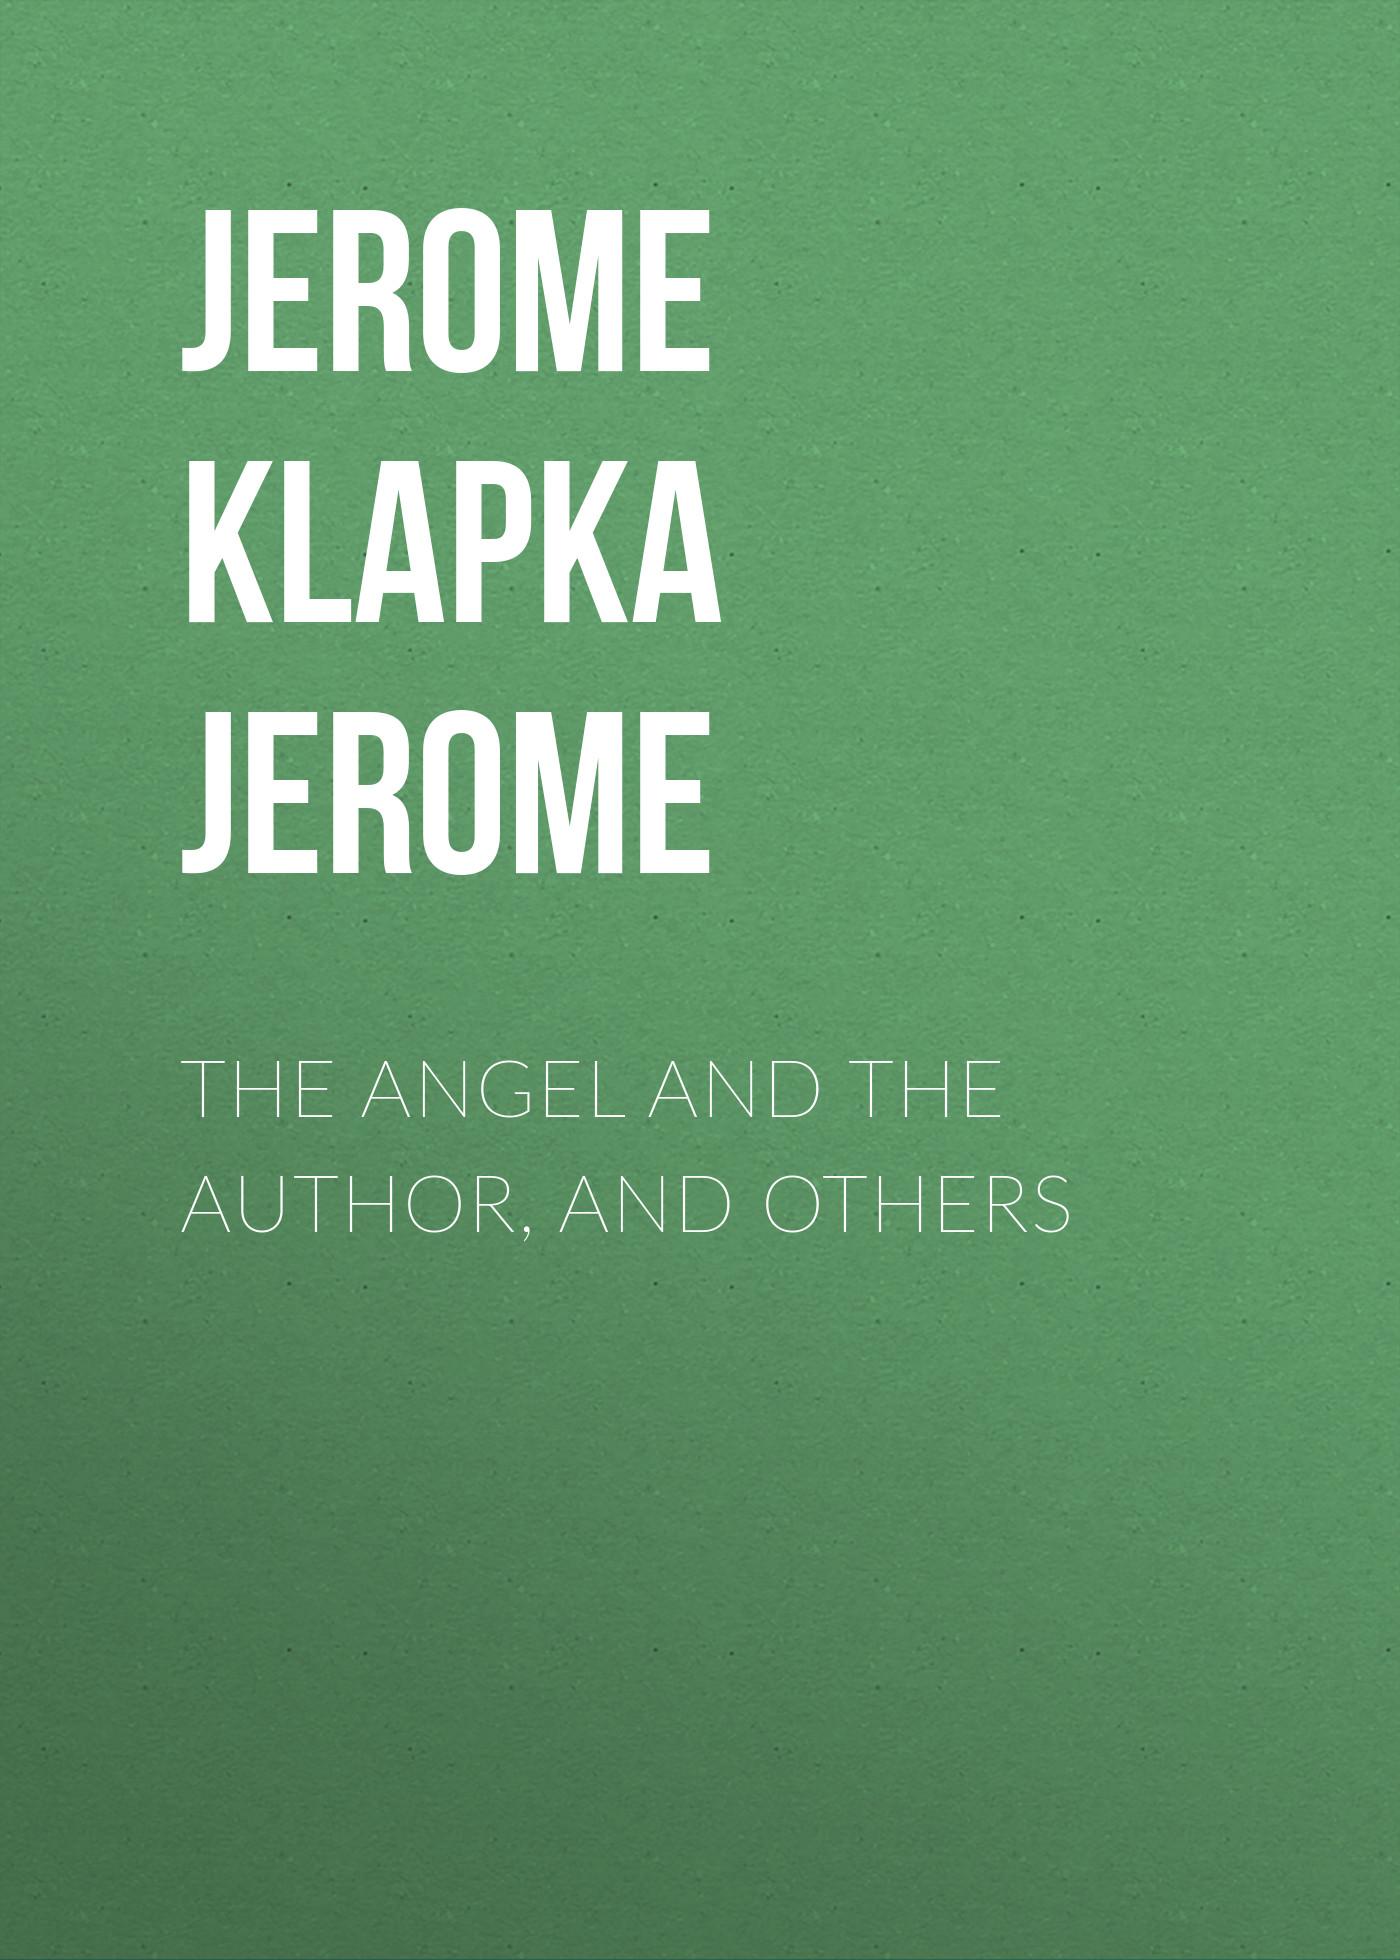 Джером Клапка Джером The Angel and the Author, and Others джером клапка джером john ingerfield and other stories